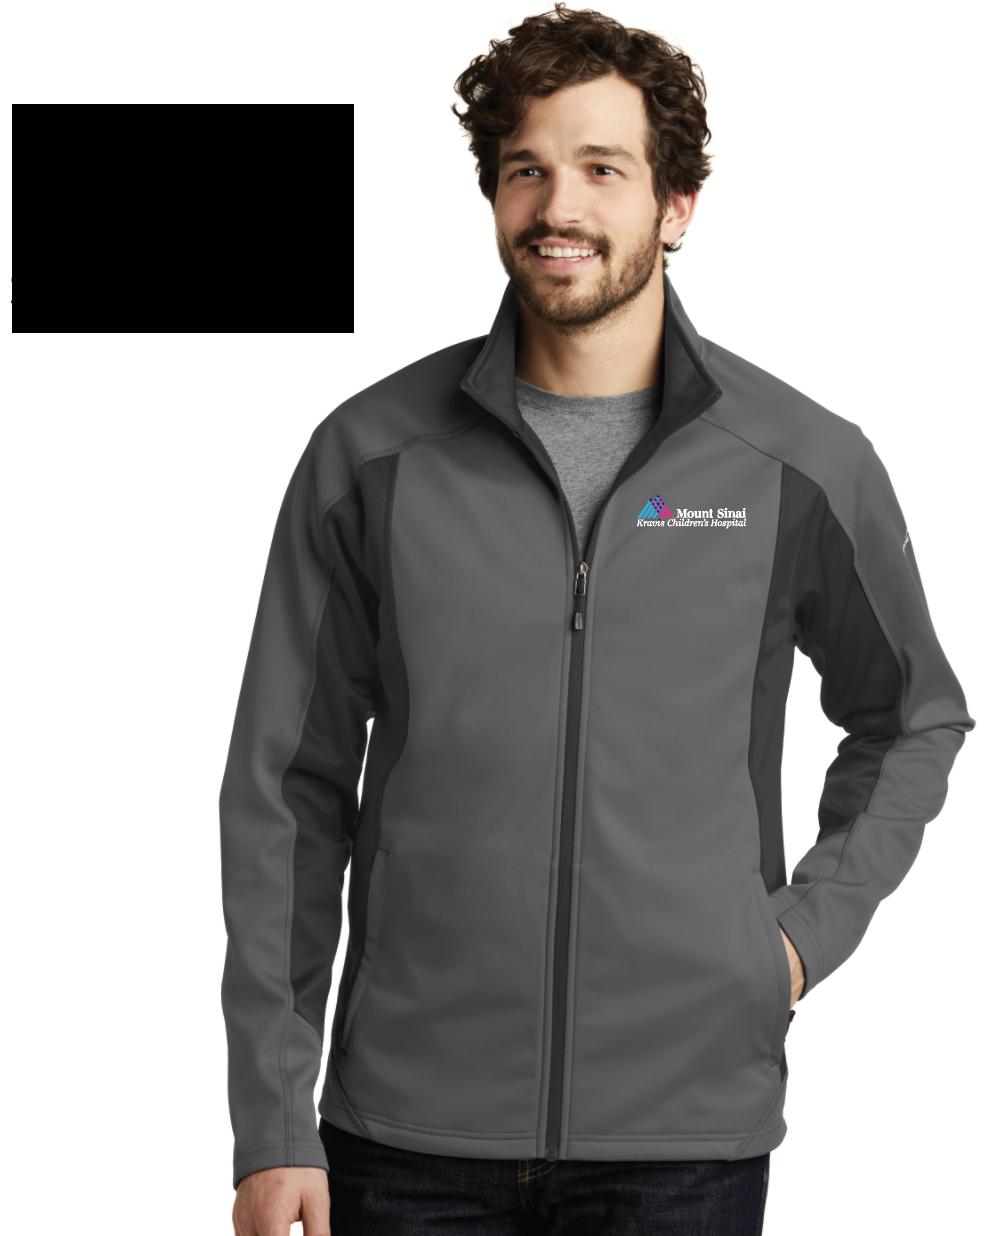 Kravis Children's Hospital Eddie Bauer Soft Shell Jacket